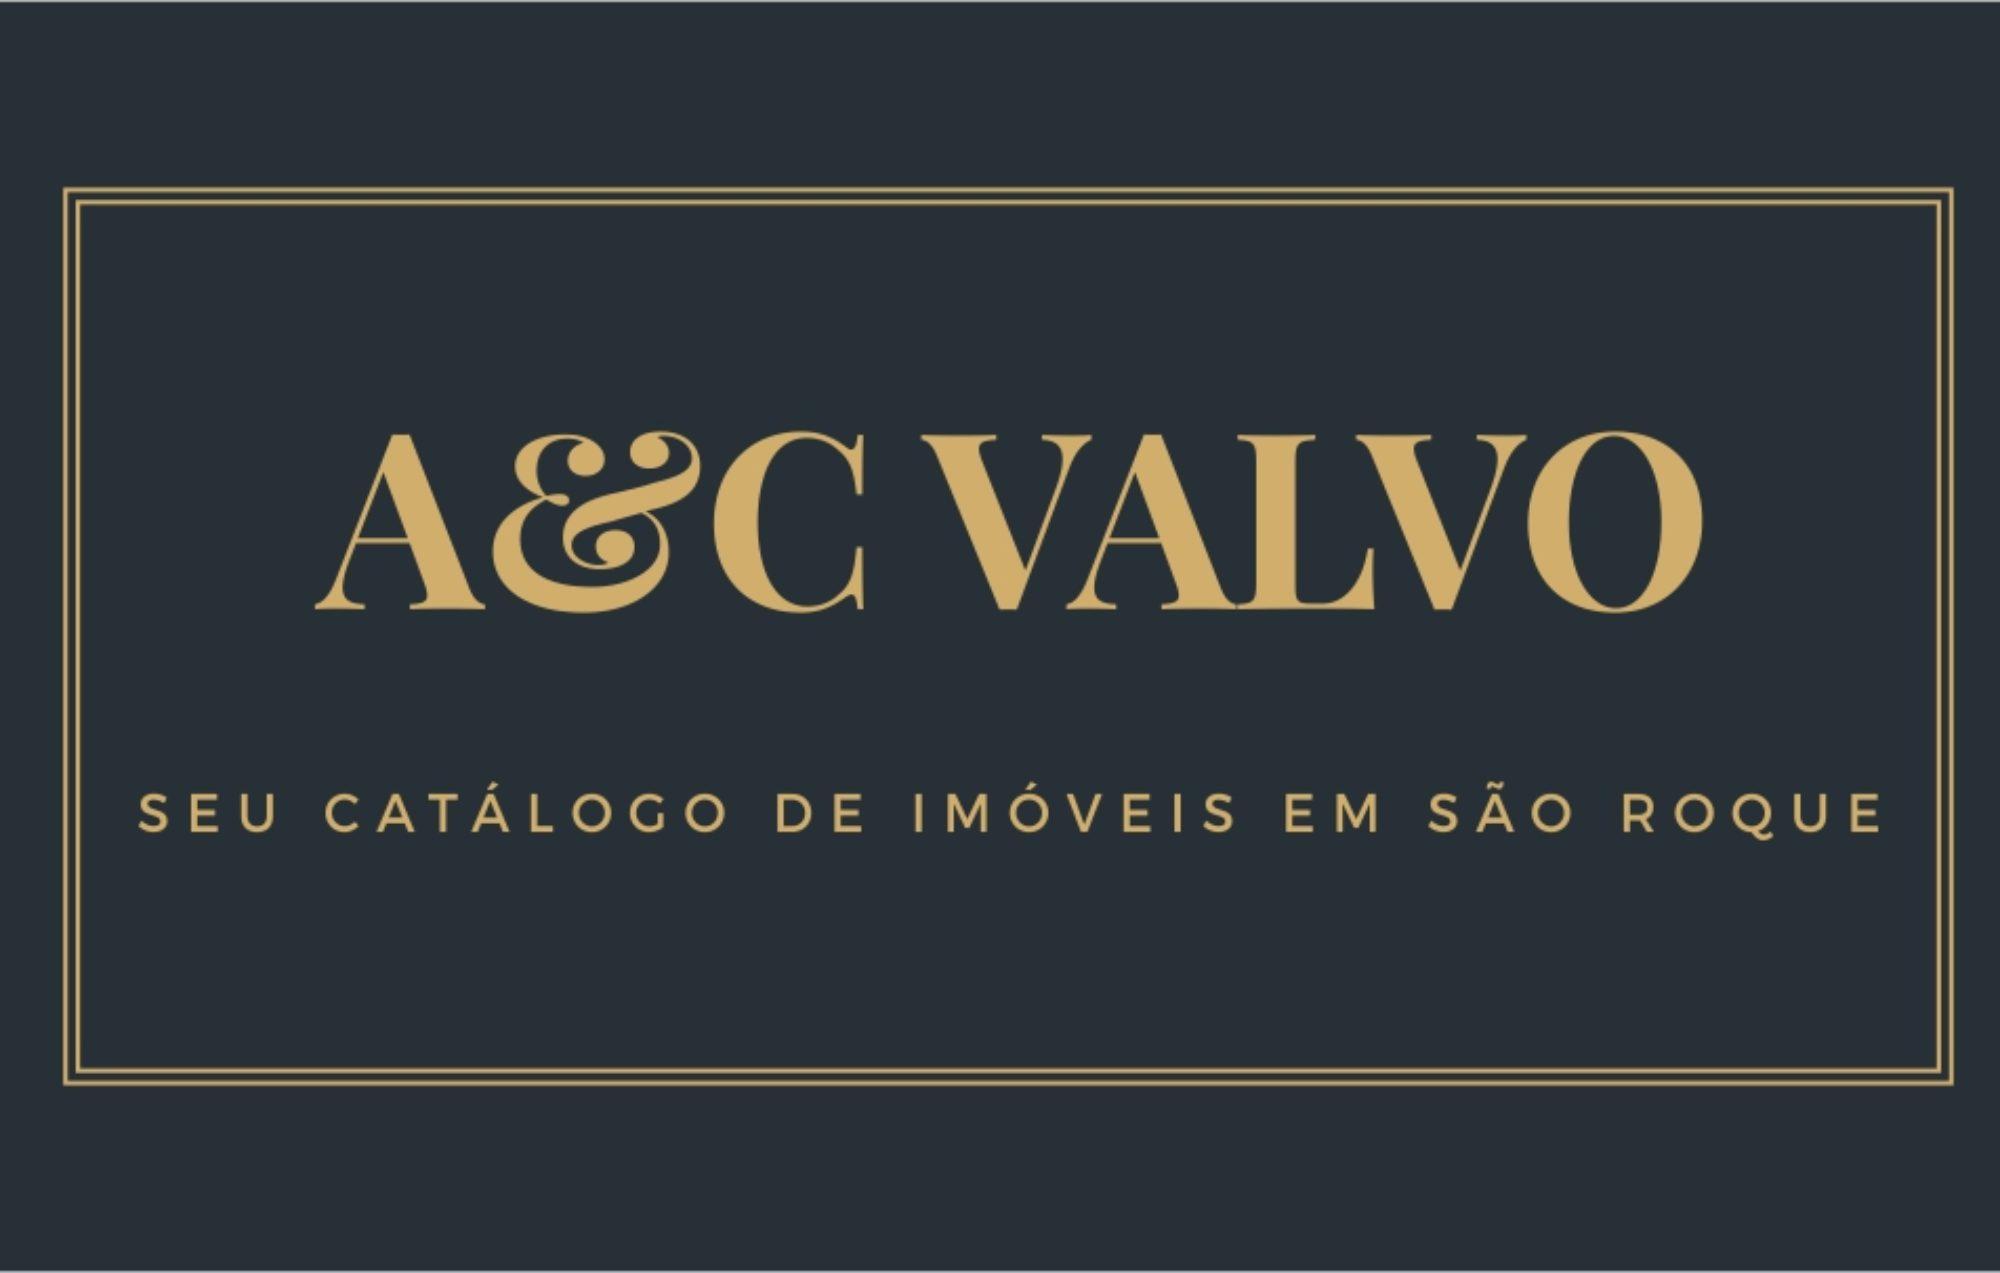 A&C Valvo Imóveis